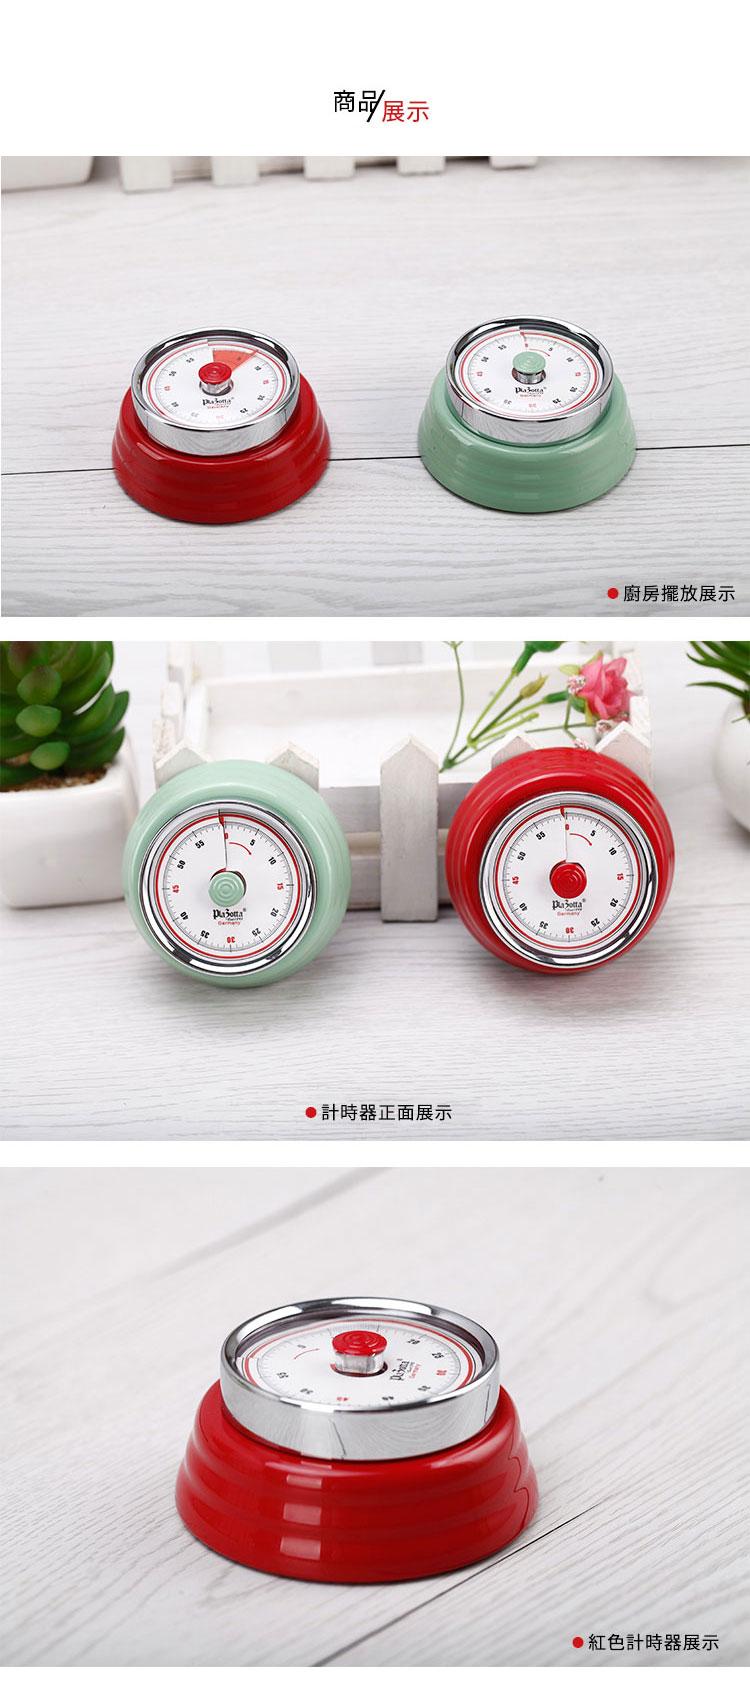 德國 Plazotta 廚房機械計時器(4色)